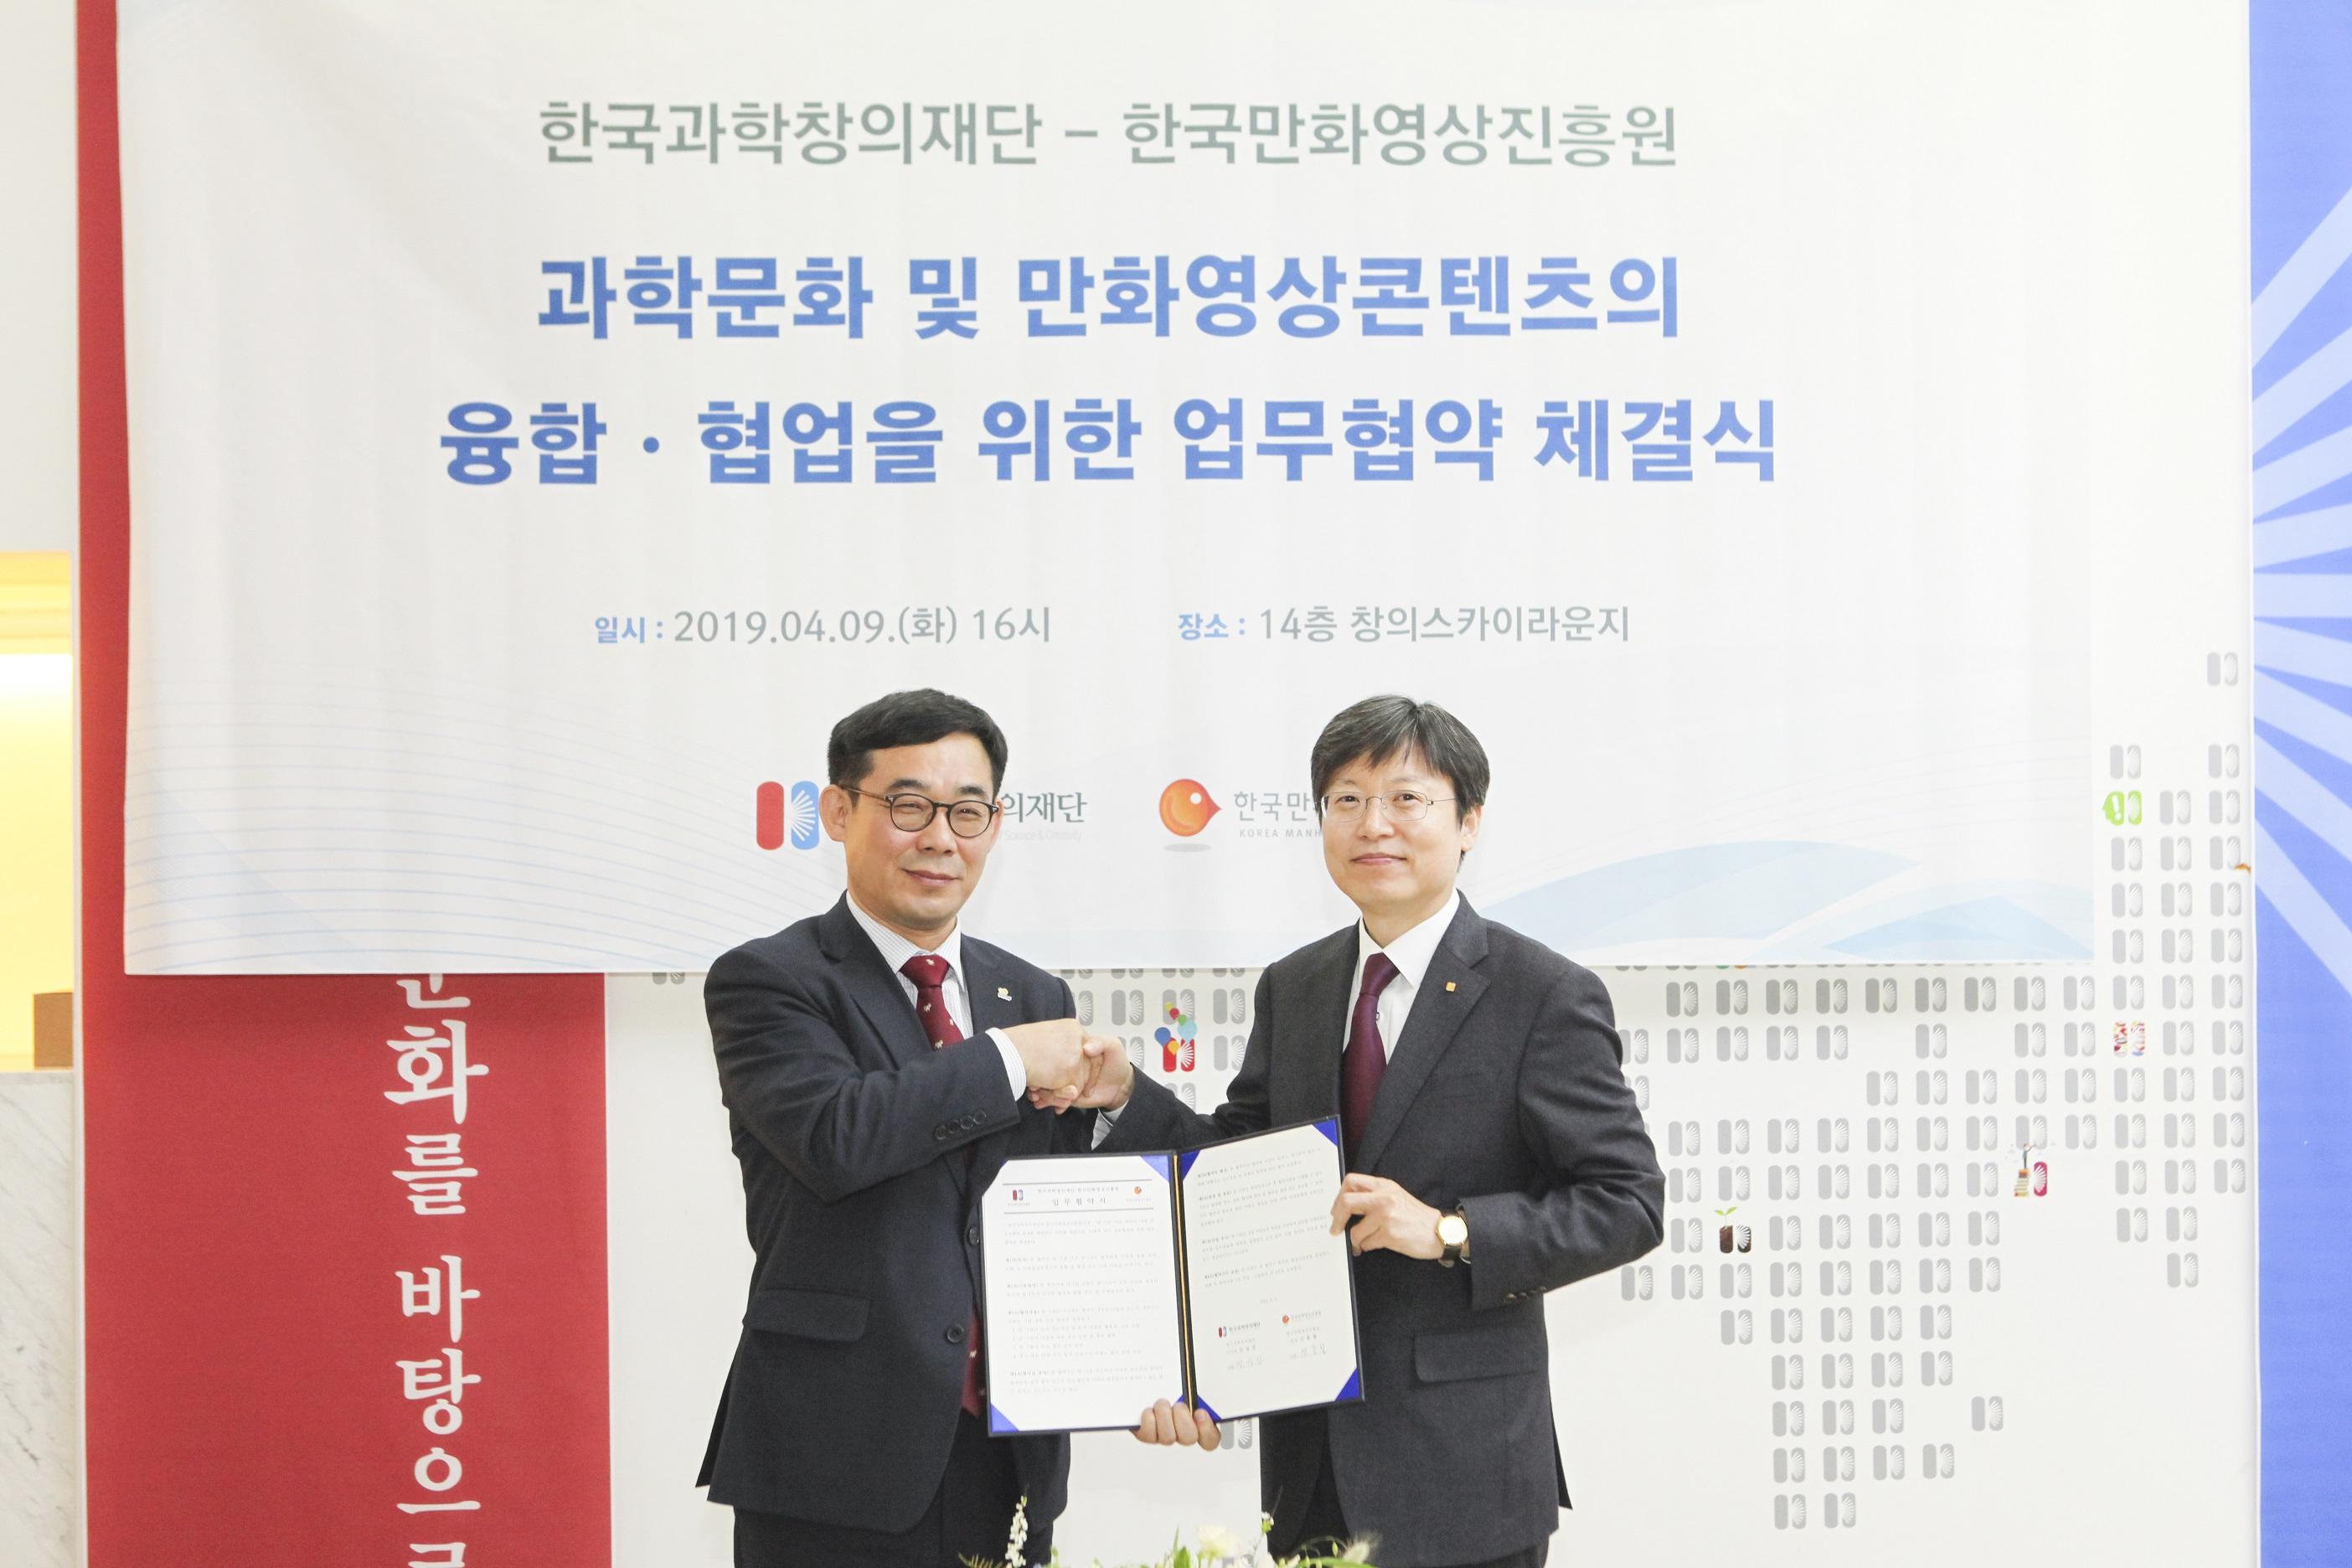 한국과학창의재단과 '과학문화 및 만화영상콘텐츠의 융합, 협업을 위한 업무협약' 체결